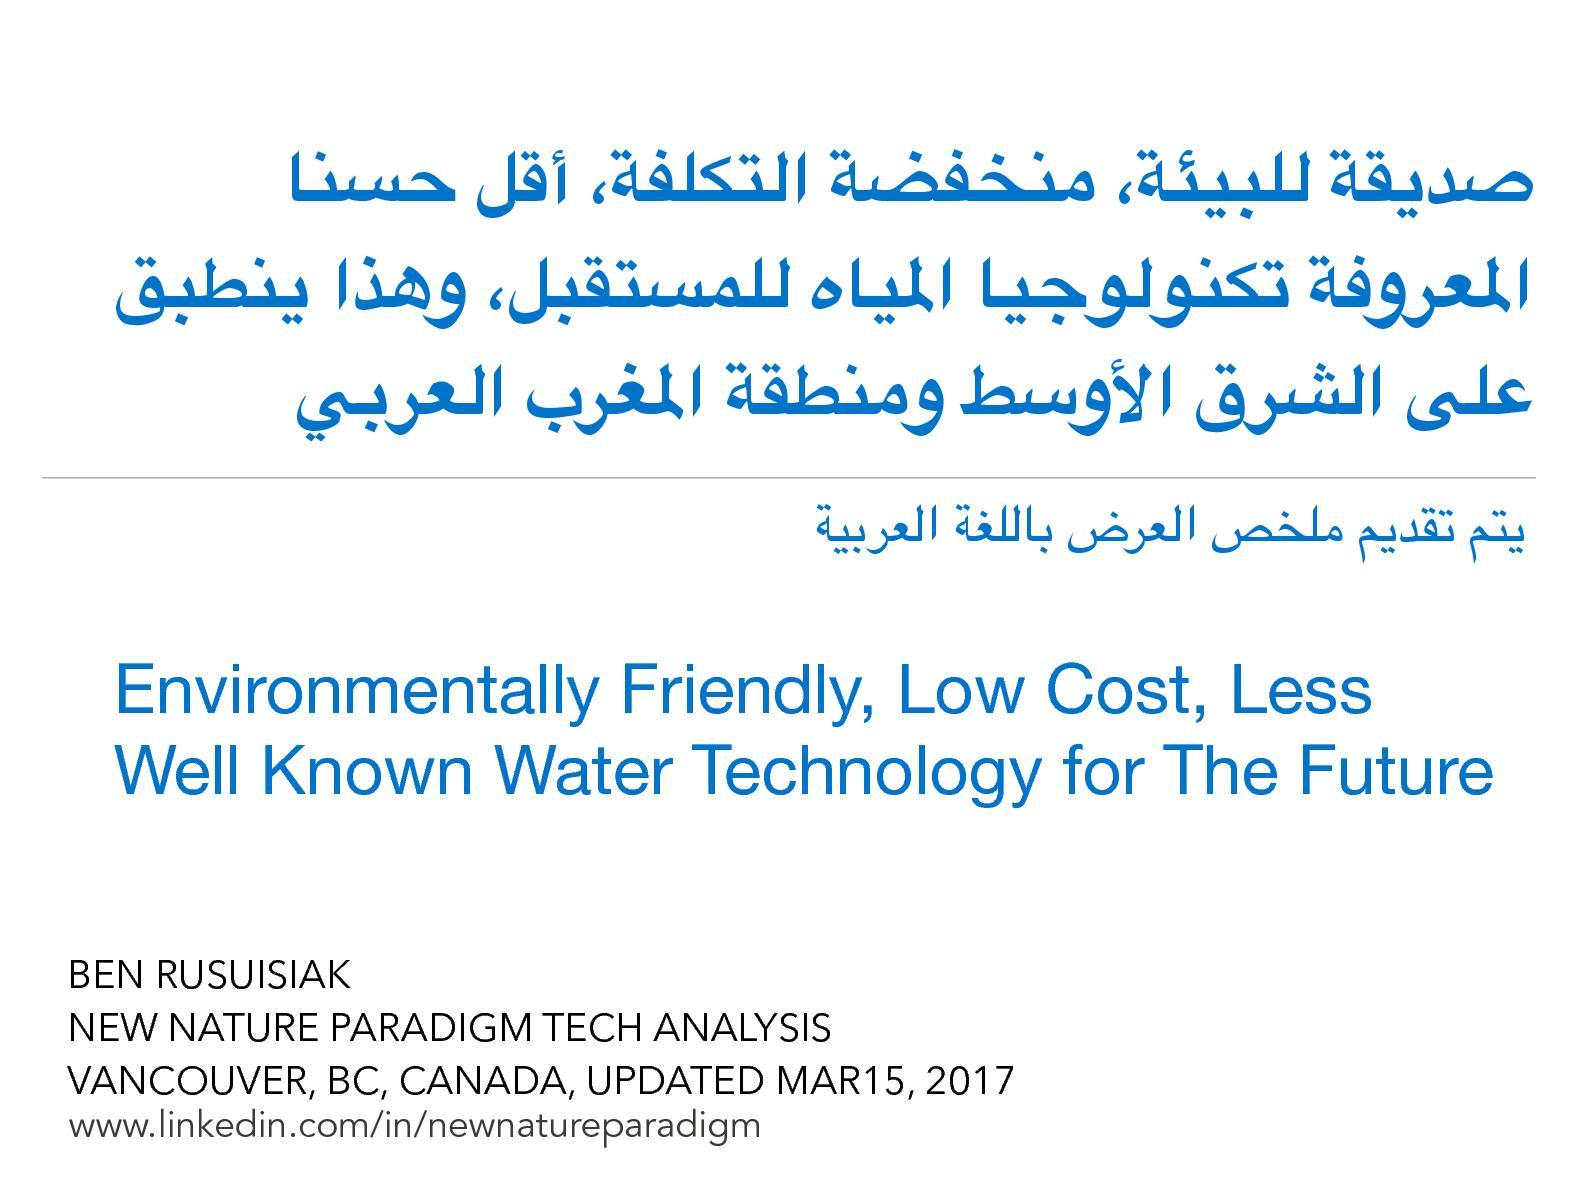 c76516ee0801 Calaméo - صديقة للبيئة، منخفضة التكلفة، أقل حسنا المعروفة تكنولوجيا المياه  للمستقبل   Unknown